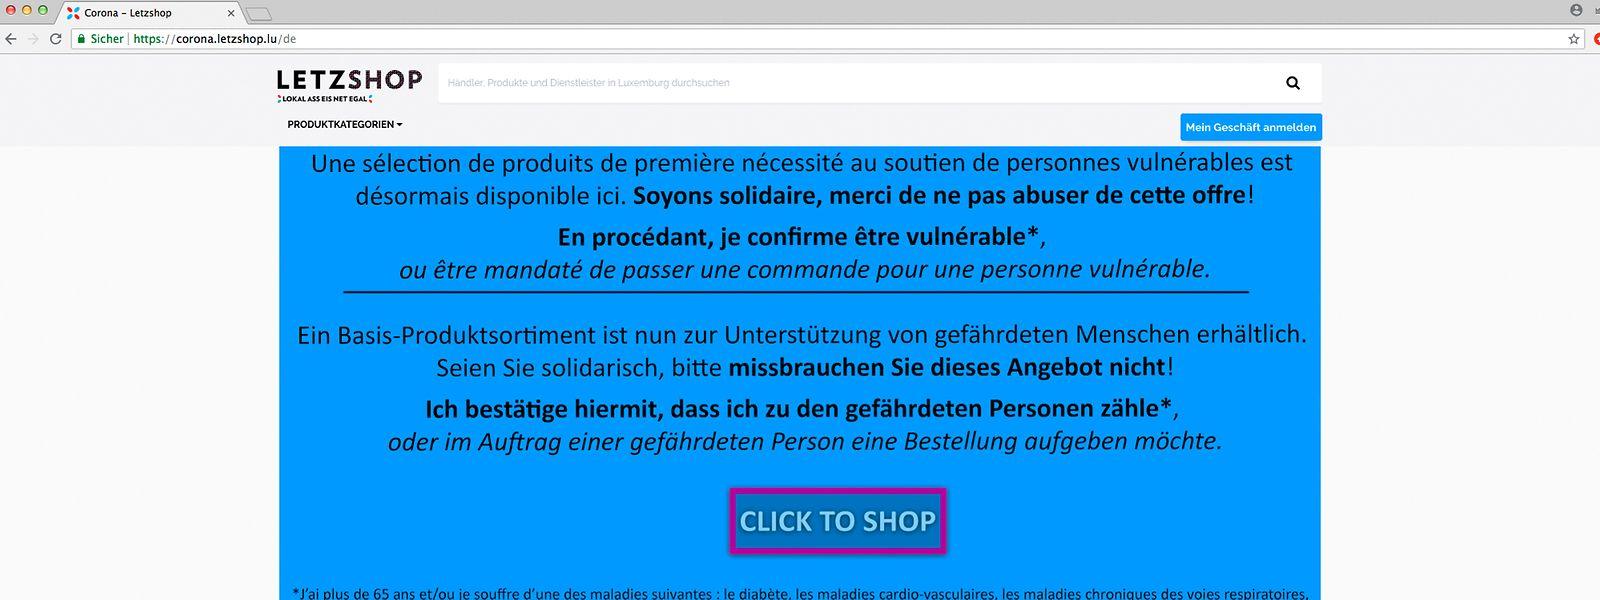 Auf der Online-Verkaufsplattform sind mehr als 40 Lebensmittel, Kosmetika und Pflegeprodukte aufgelistet.